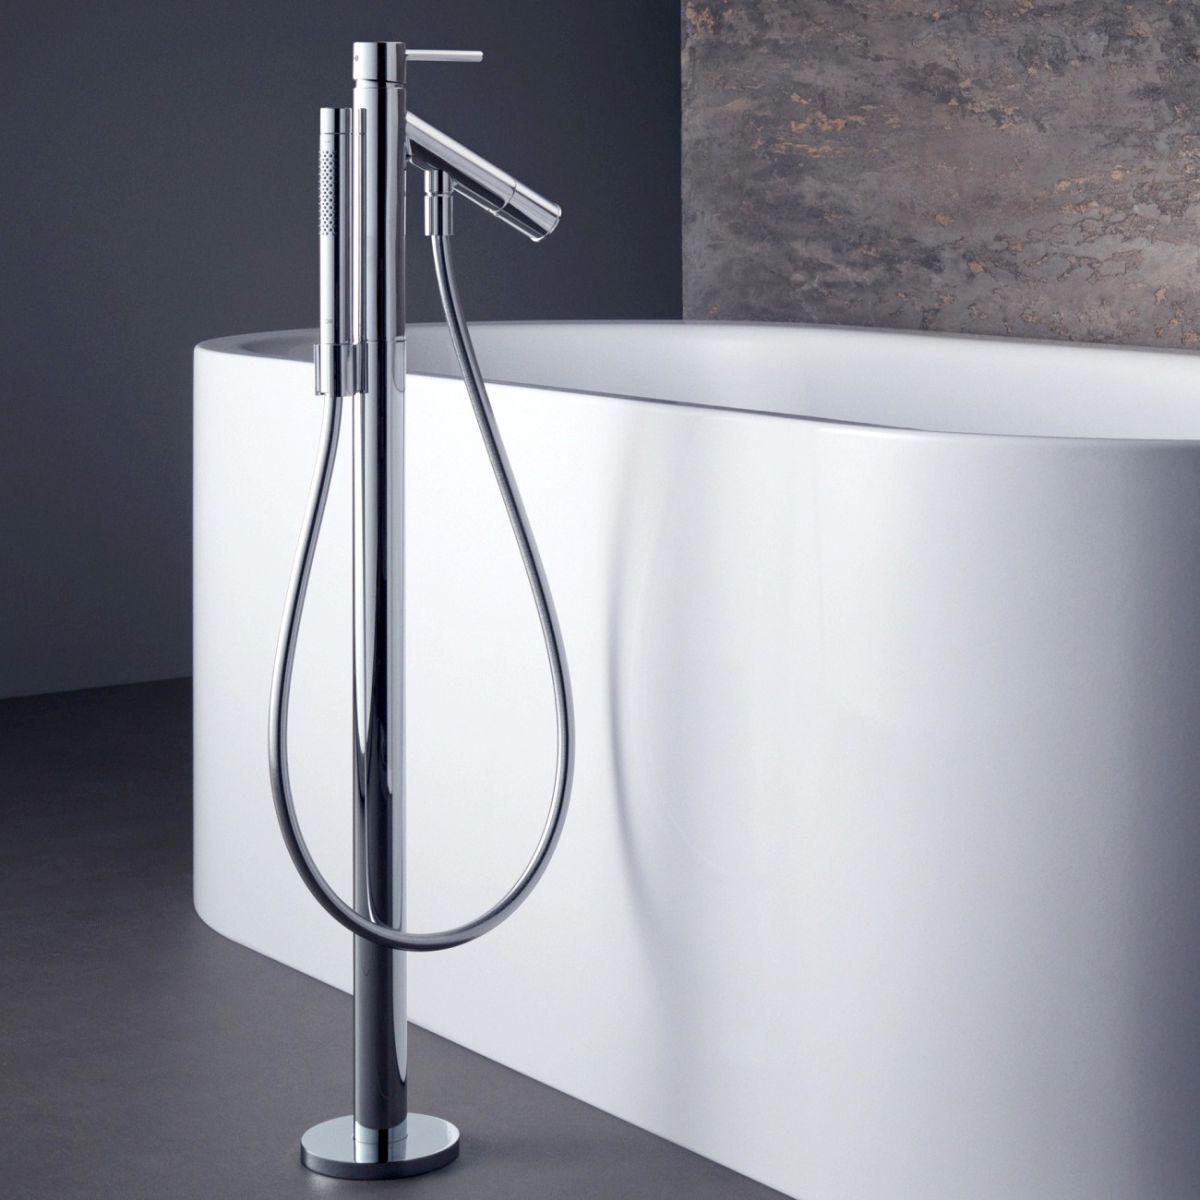 Rubinetteria Vasca Da Bagno Freestanding : Vasche da bagno al centro della stanza orsolini